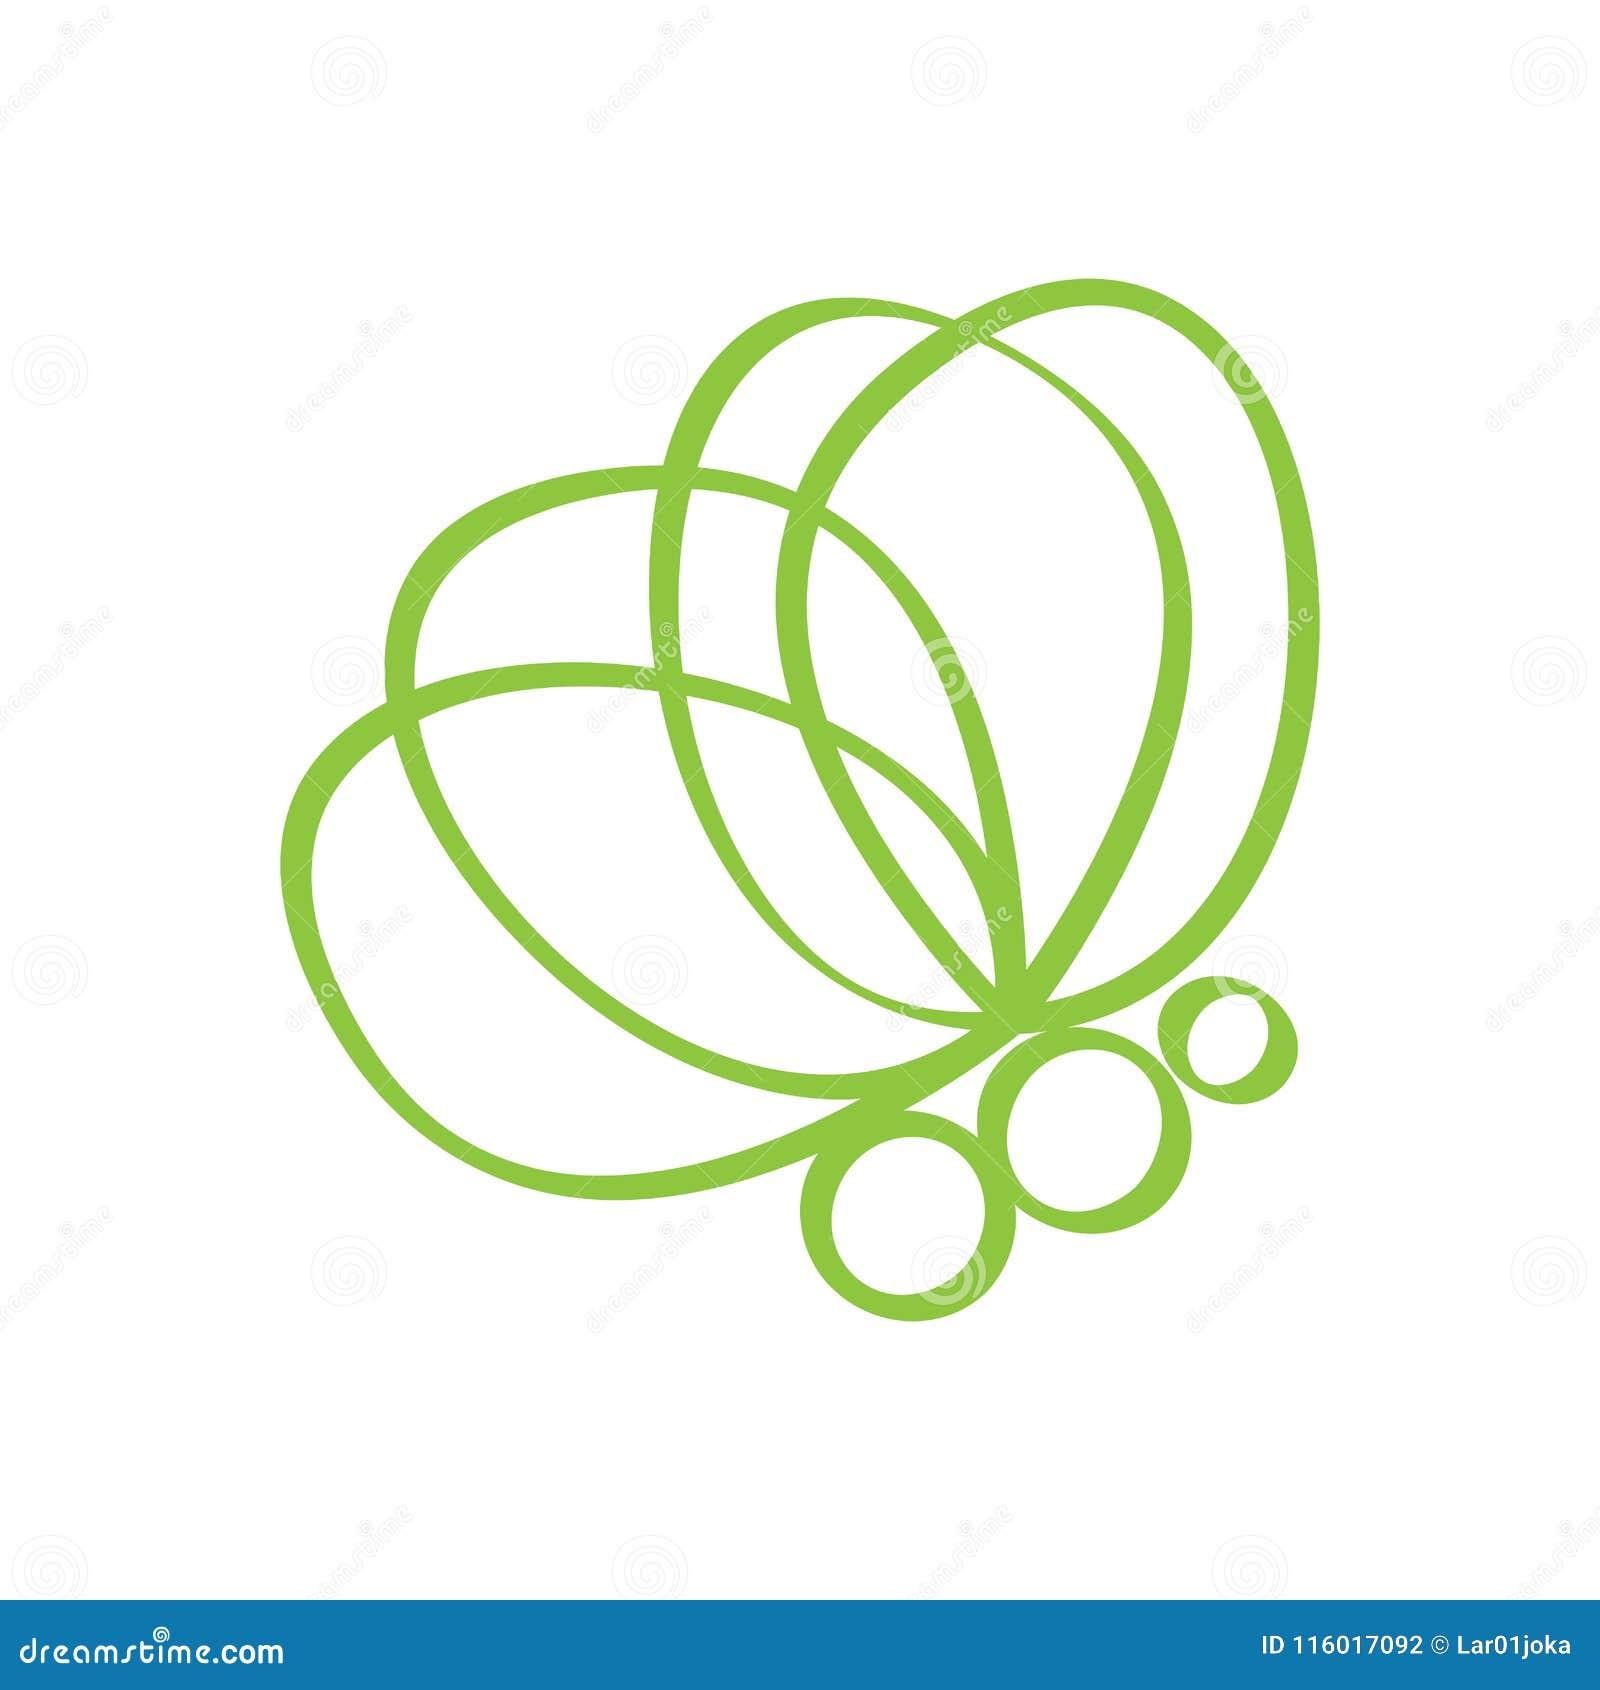 Lotus Flower Outline Stock Vector Illustration Of Ornament 116017092